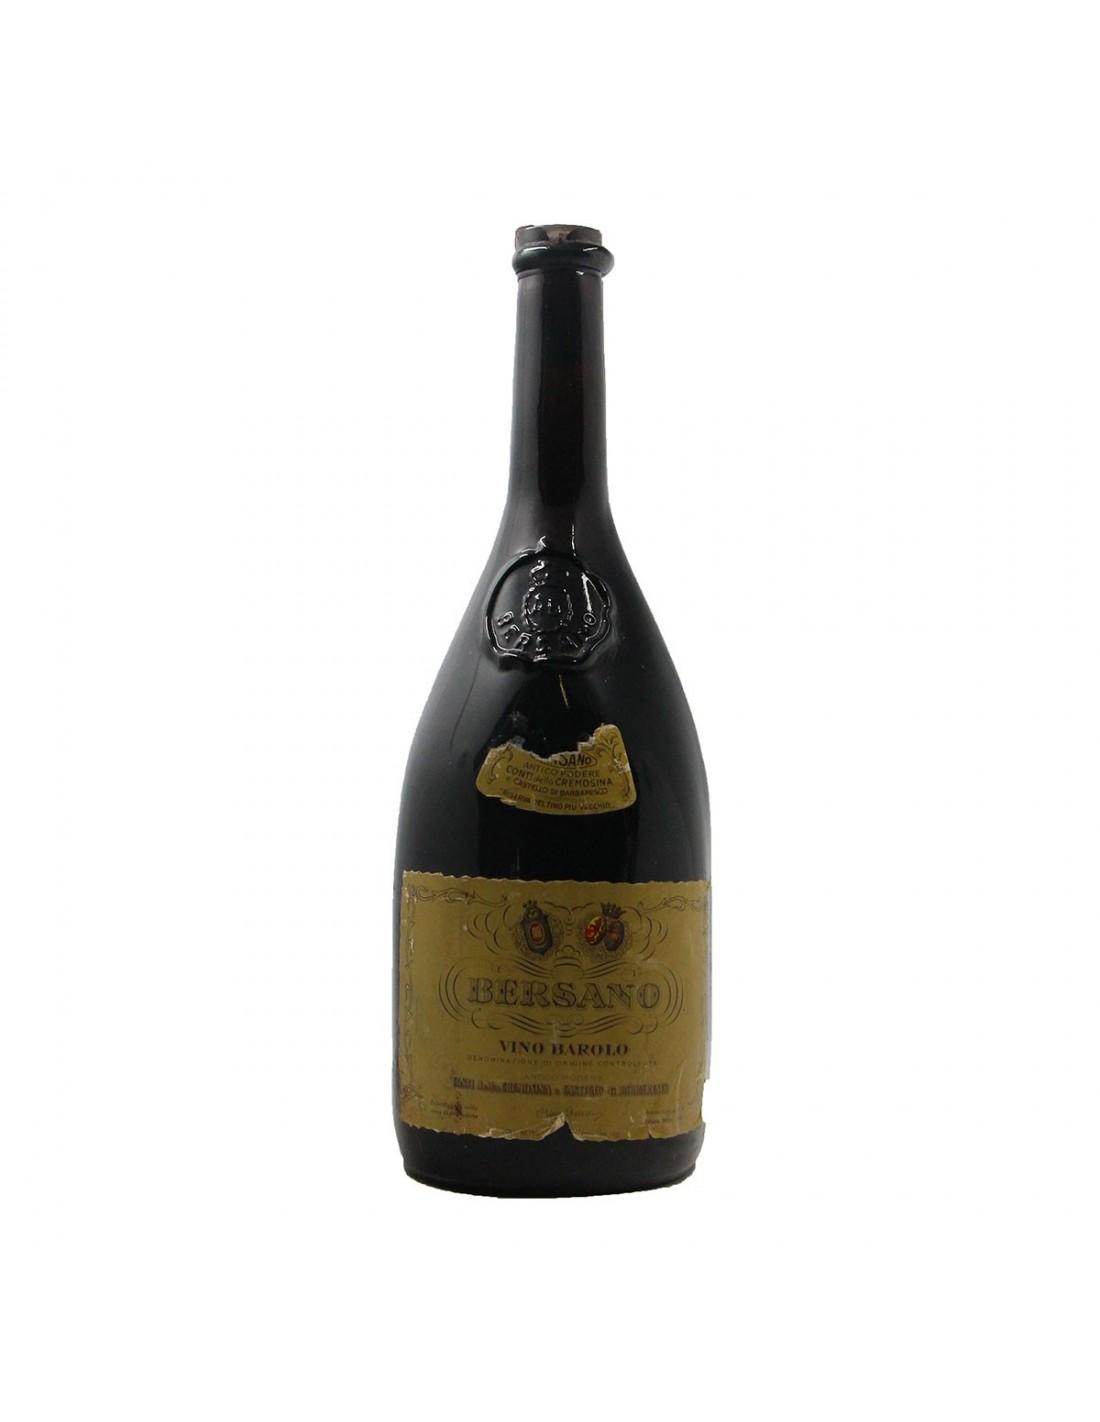 BAROLO RISERVA SPECIALE CREMOSINA 1964 BERSANO Grandi Bottiglie